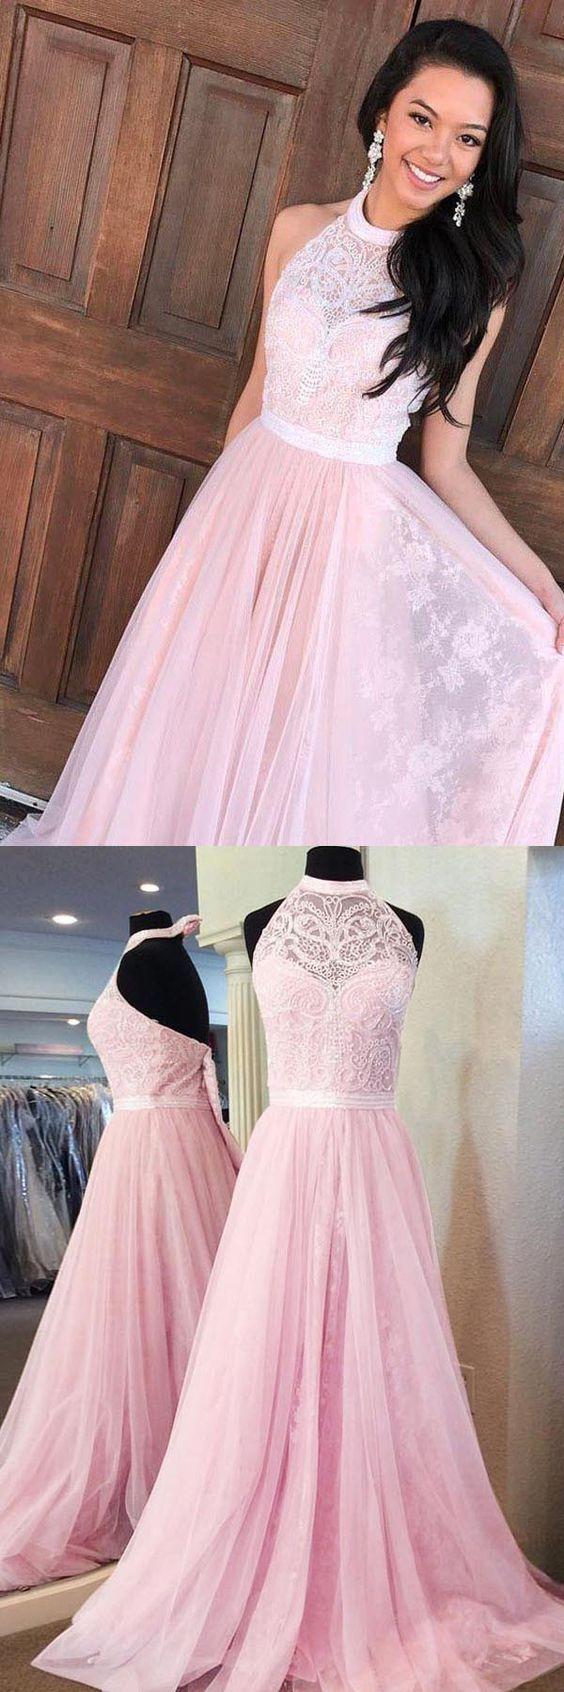 Excepcional Vestidos De Novia Barato Dallas Tx Componente - Ideas de ...